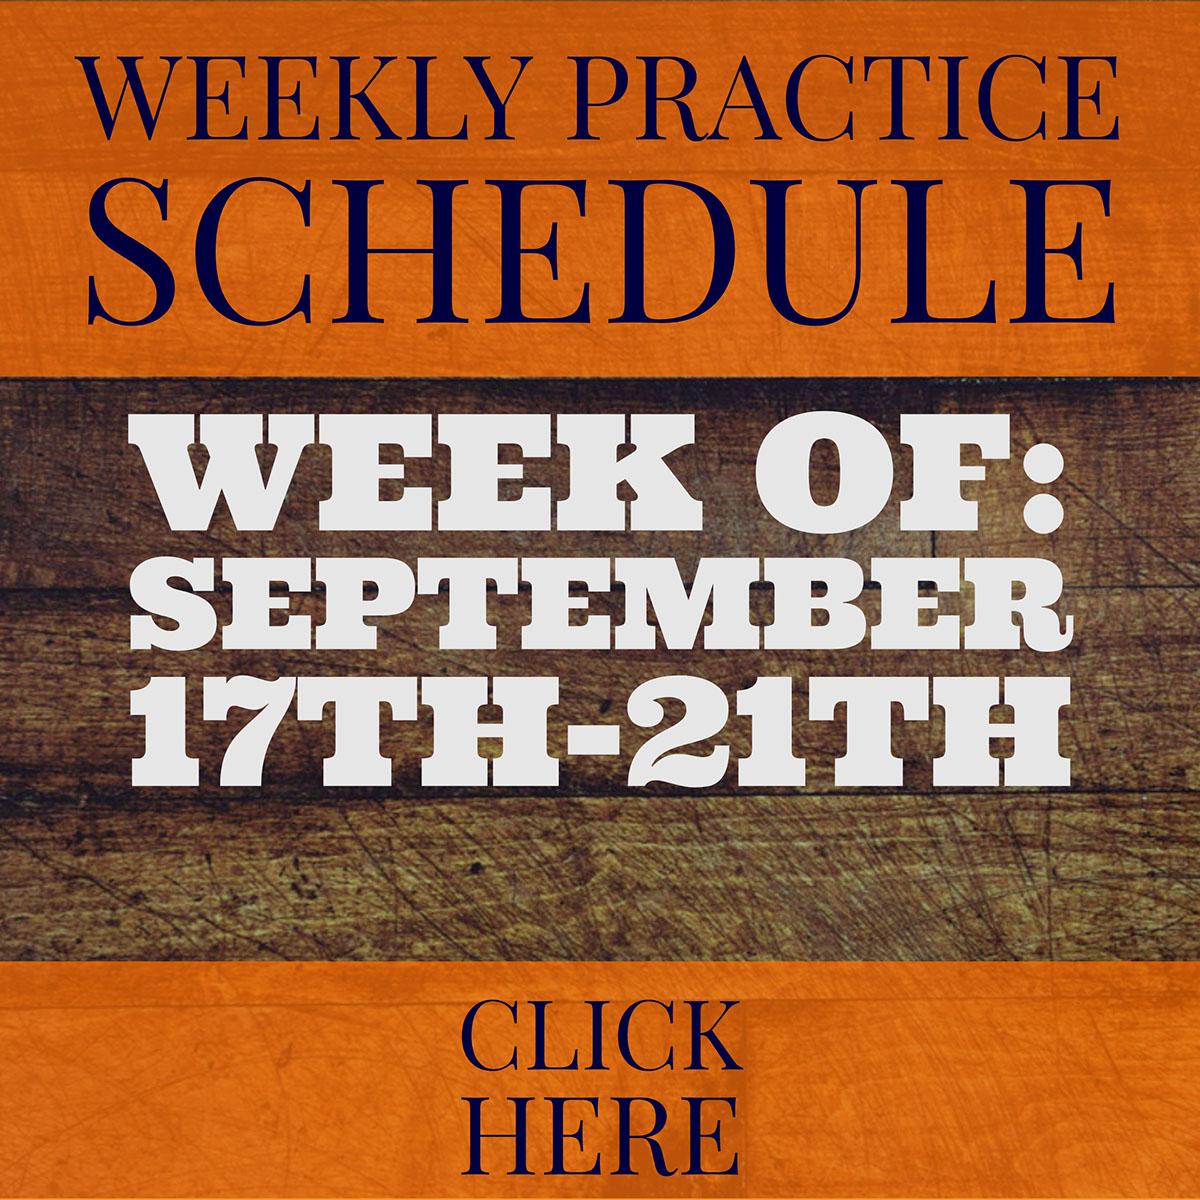 Week of: September 17th-21th Week of: September 17th-21th<P>Weekly Practice Schedule<P>CLICK HERE